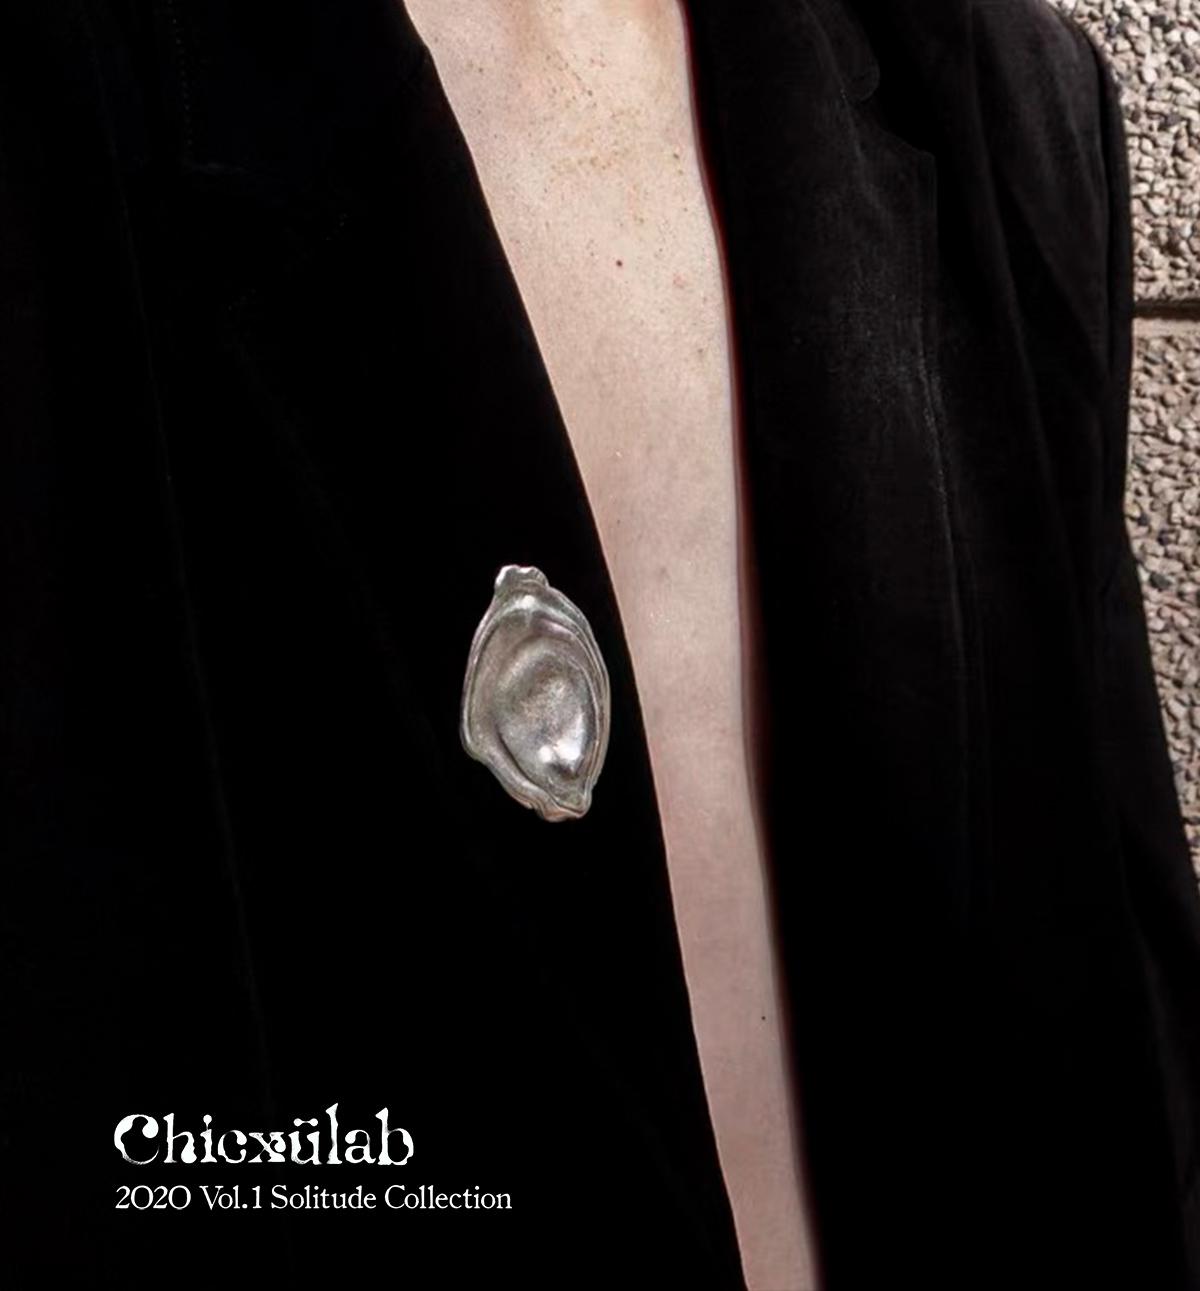 奇虚乐 Chicxulab 纯手工液态流动非陨石肌理925银胸针